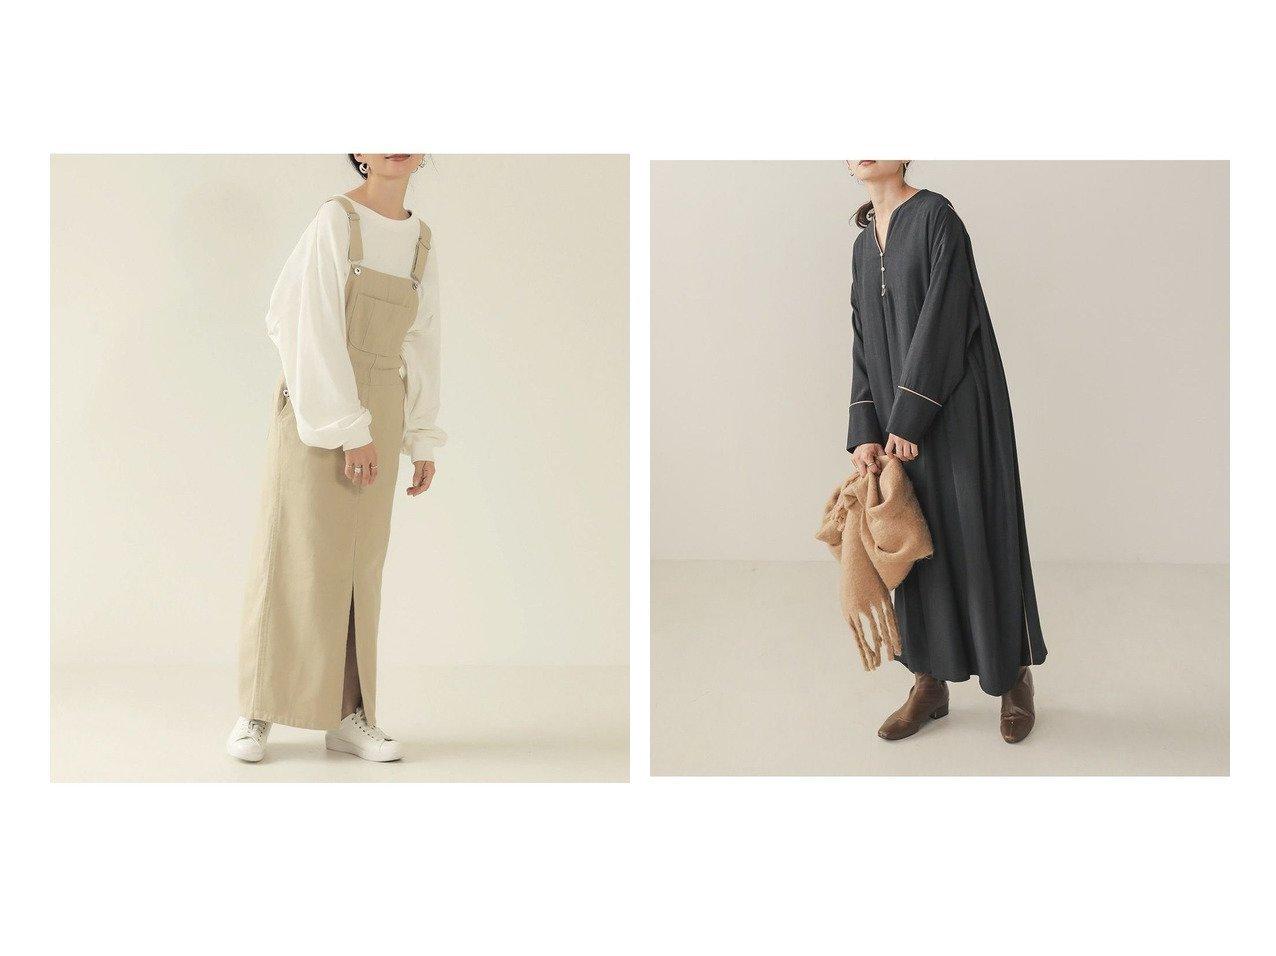 【Bab/バブ】のカフタンパイピングワンピース&ツイルジャンパースカート おすすめ!人気!プチプライスで上品なファッションアイテムの通販  おすすめで人気の流行・トレンド、ファッションの通販商品 メンズファッション・キッズファッション・インテリア・家具・レディースファッション・服の通販 founy(ファニー) https://founy.com/ ファッション Fashion レディースファッション WOMEN スカート Skirt ワンピース Dress カットソー コンパクト スリット タートルネック ツイル フロント プチプライス・低価格 Affordable ポケット 秋 Autumn/Fall オリエンタル サテン シアー シフォン タートル トレンド パイピング フォルム ミックス 再入荷 Restock/Back in Stock/Re Arrival 冬 Winter 無地  ID:crp329100000021339